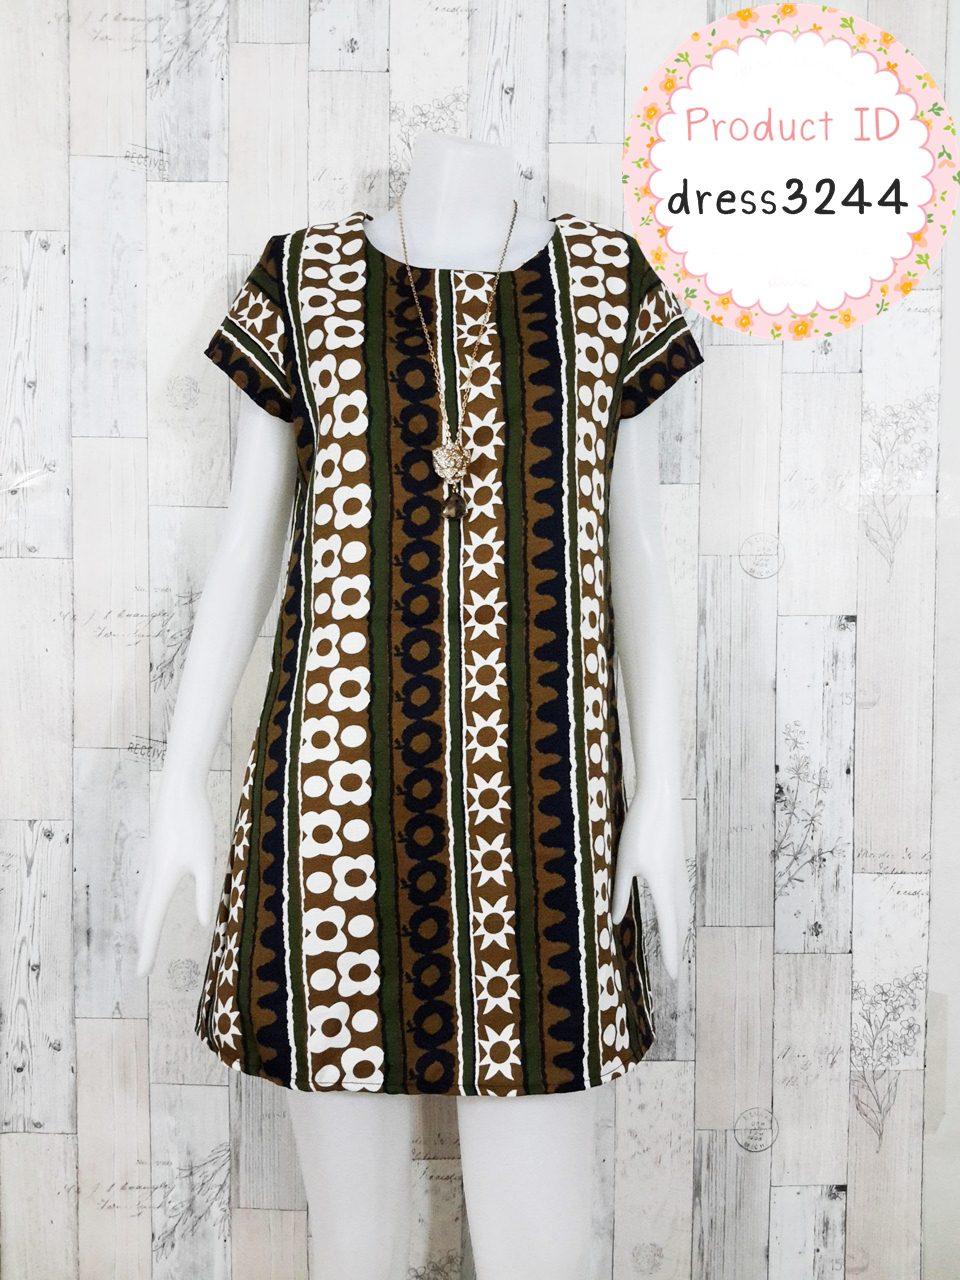 Dress3244 ชุดเดรสแฟชั่นผ้ามิลิน(ผ้าทอหนาเนื้อดี)ลายทางดอกไม้กราฟฟิค โทนสีเขียวน้ำตาล